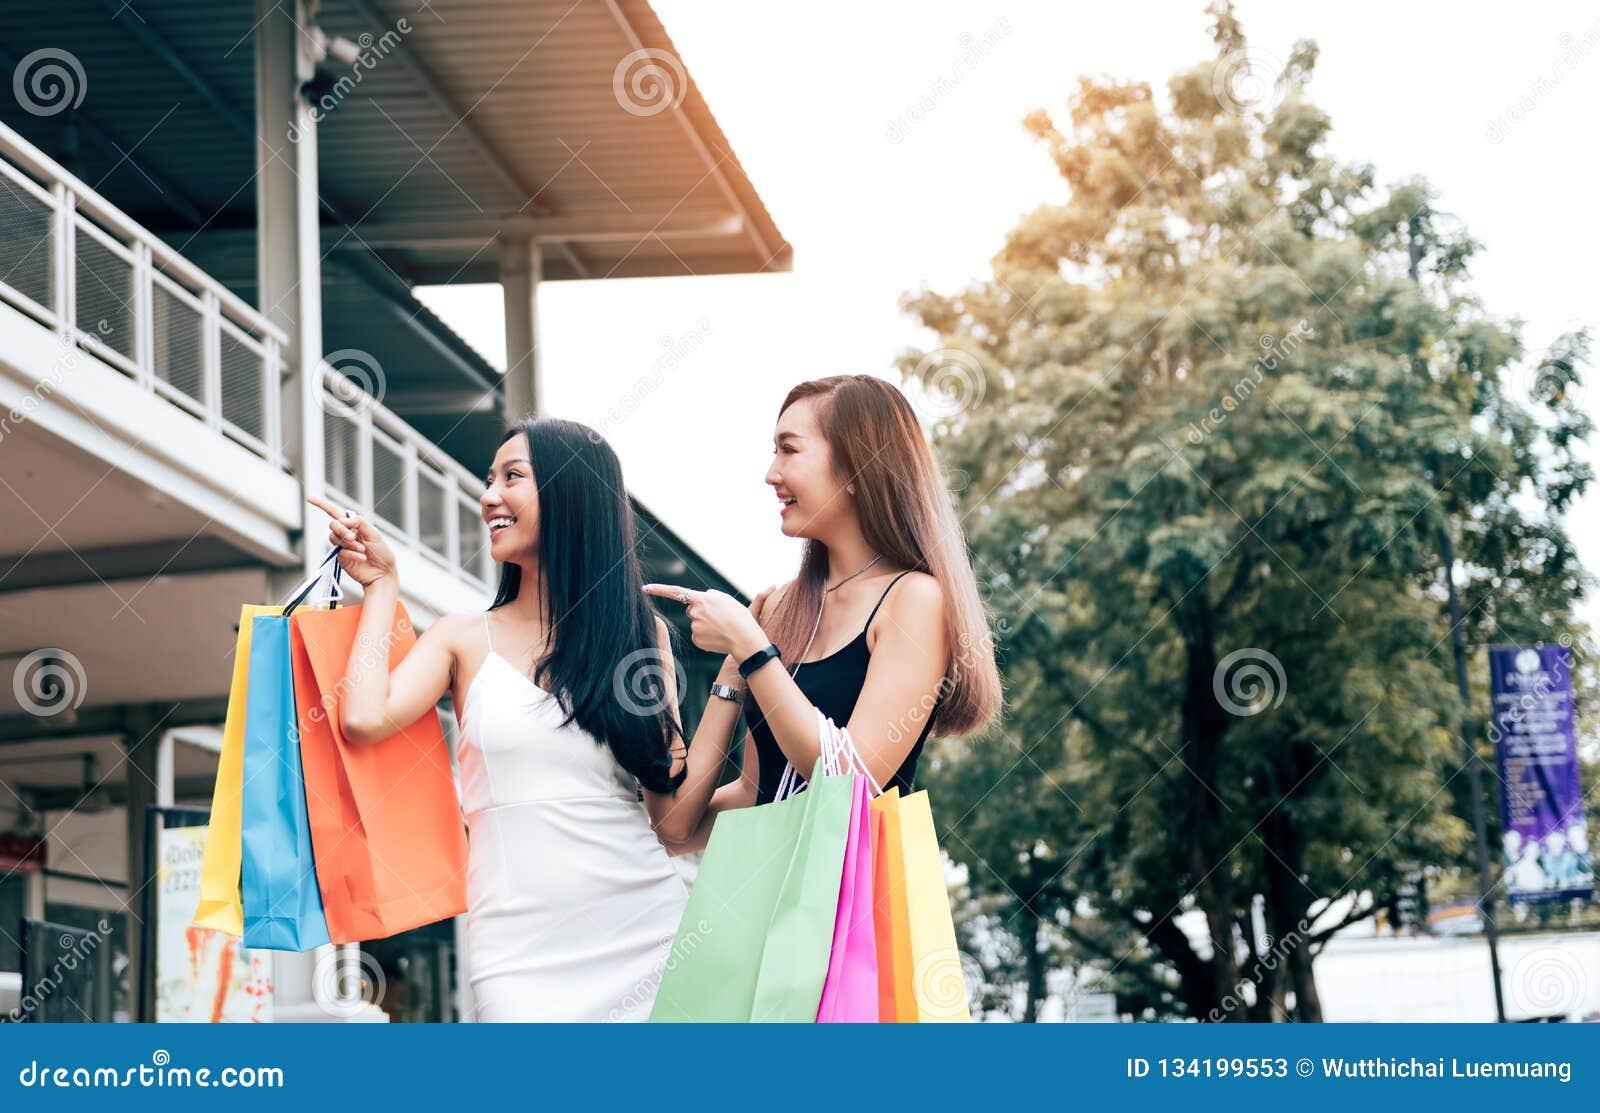 Ευτυχείς ασιατικοί φίλοι που περπατούν στη λεωφόρο με να κάνει που ψωνίζει από κοινού